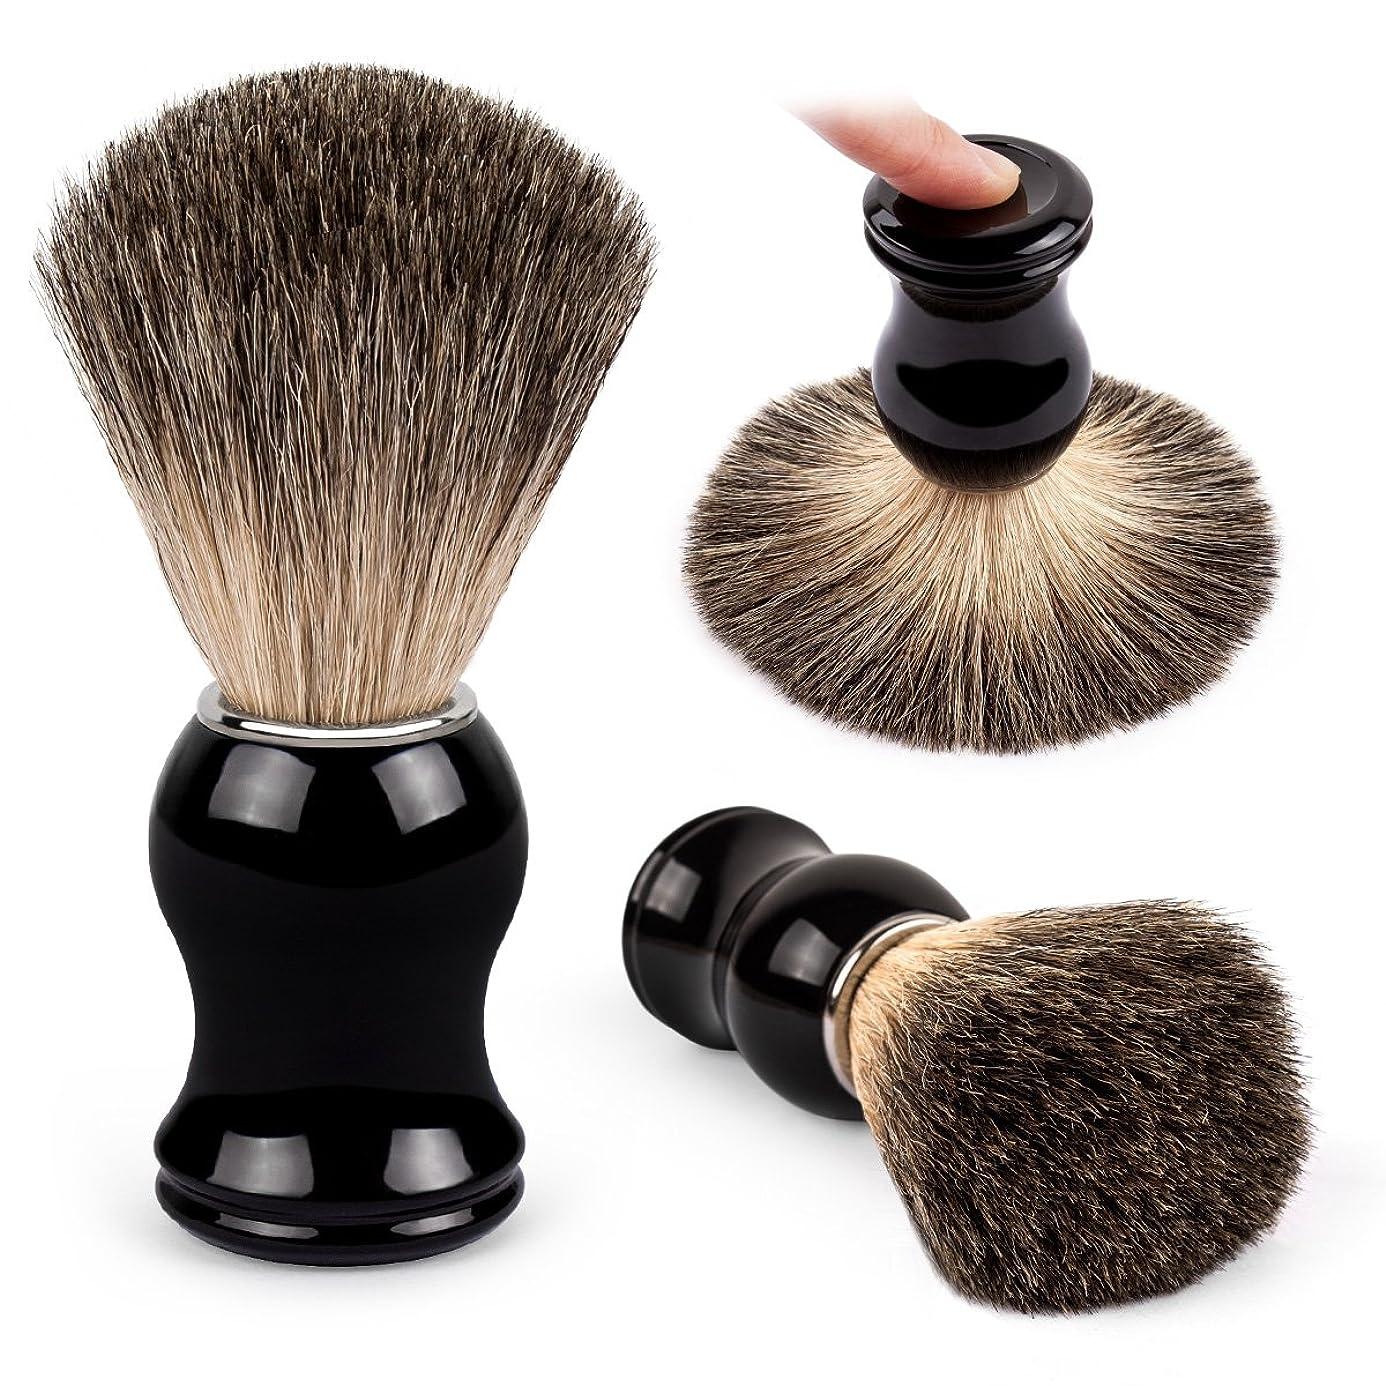 プレミア予算遺棄されたQSHAVE 100%最高級アナグマ毛オリジナルハンドメイドシェービングブラシ。高品質樹脂ハンドル。ウェットシェービング、安全カミソリ、両刃カミソリに最適